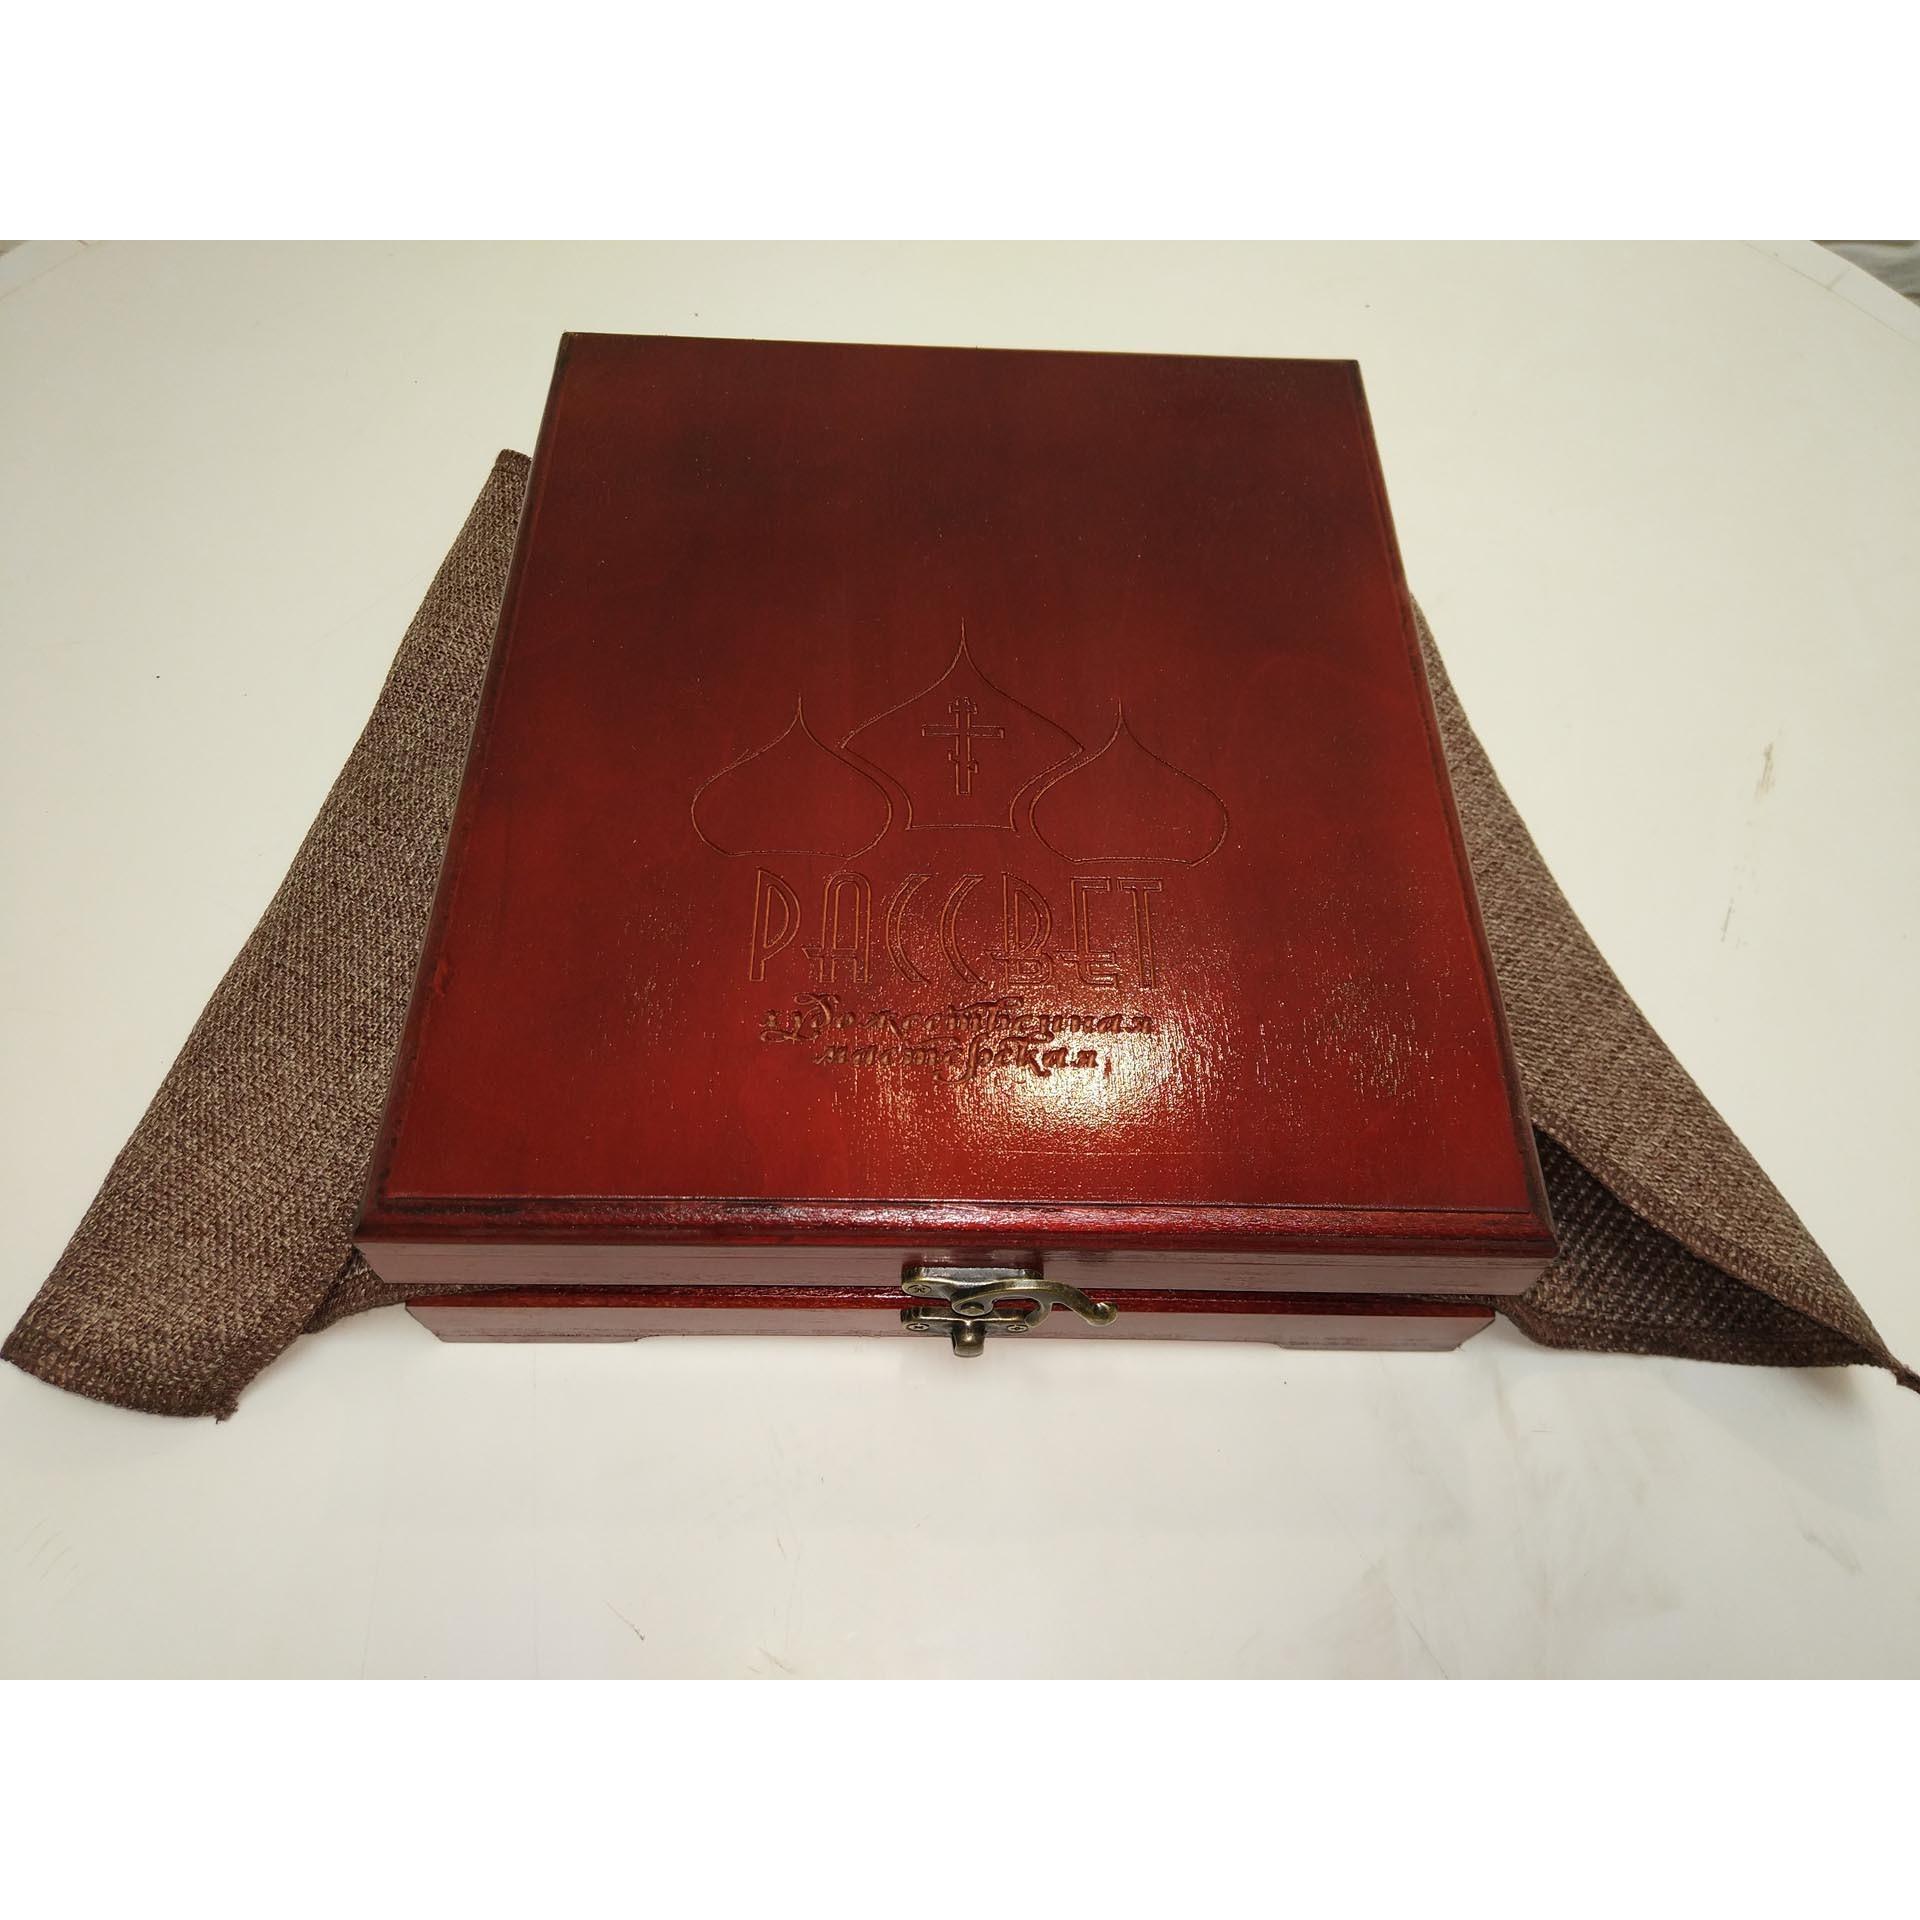 Подарочный футляр для иконы размером 19-23 см, цвет красное дерево